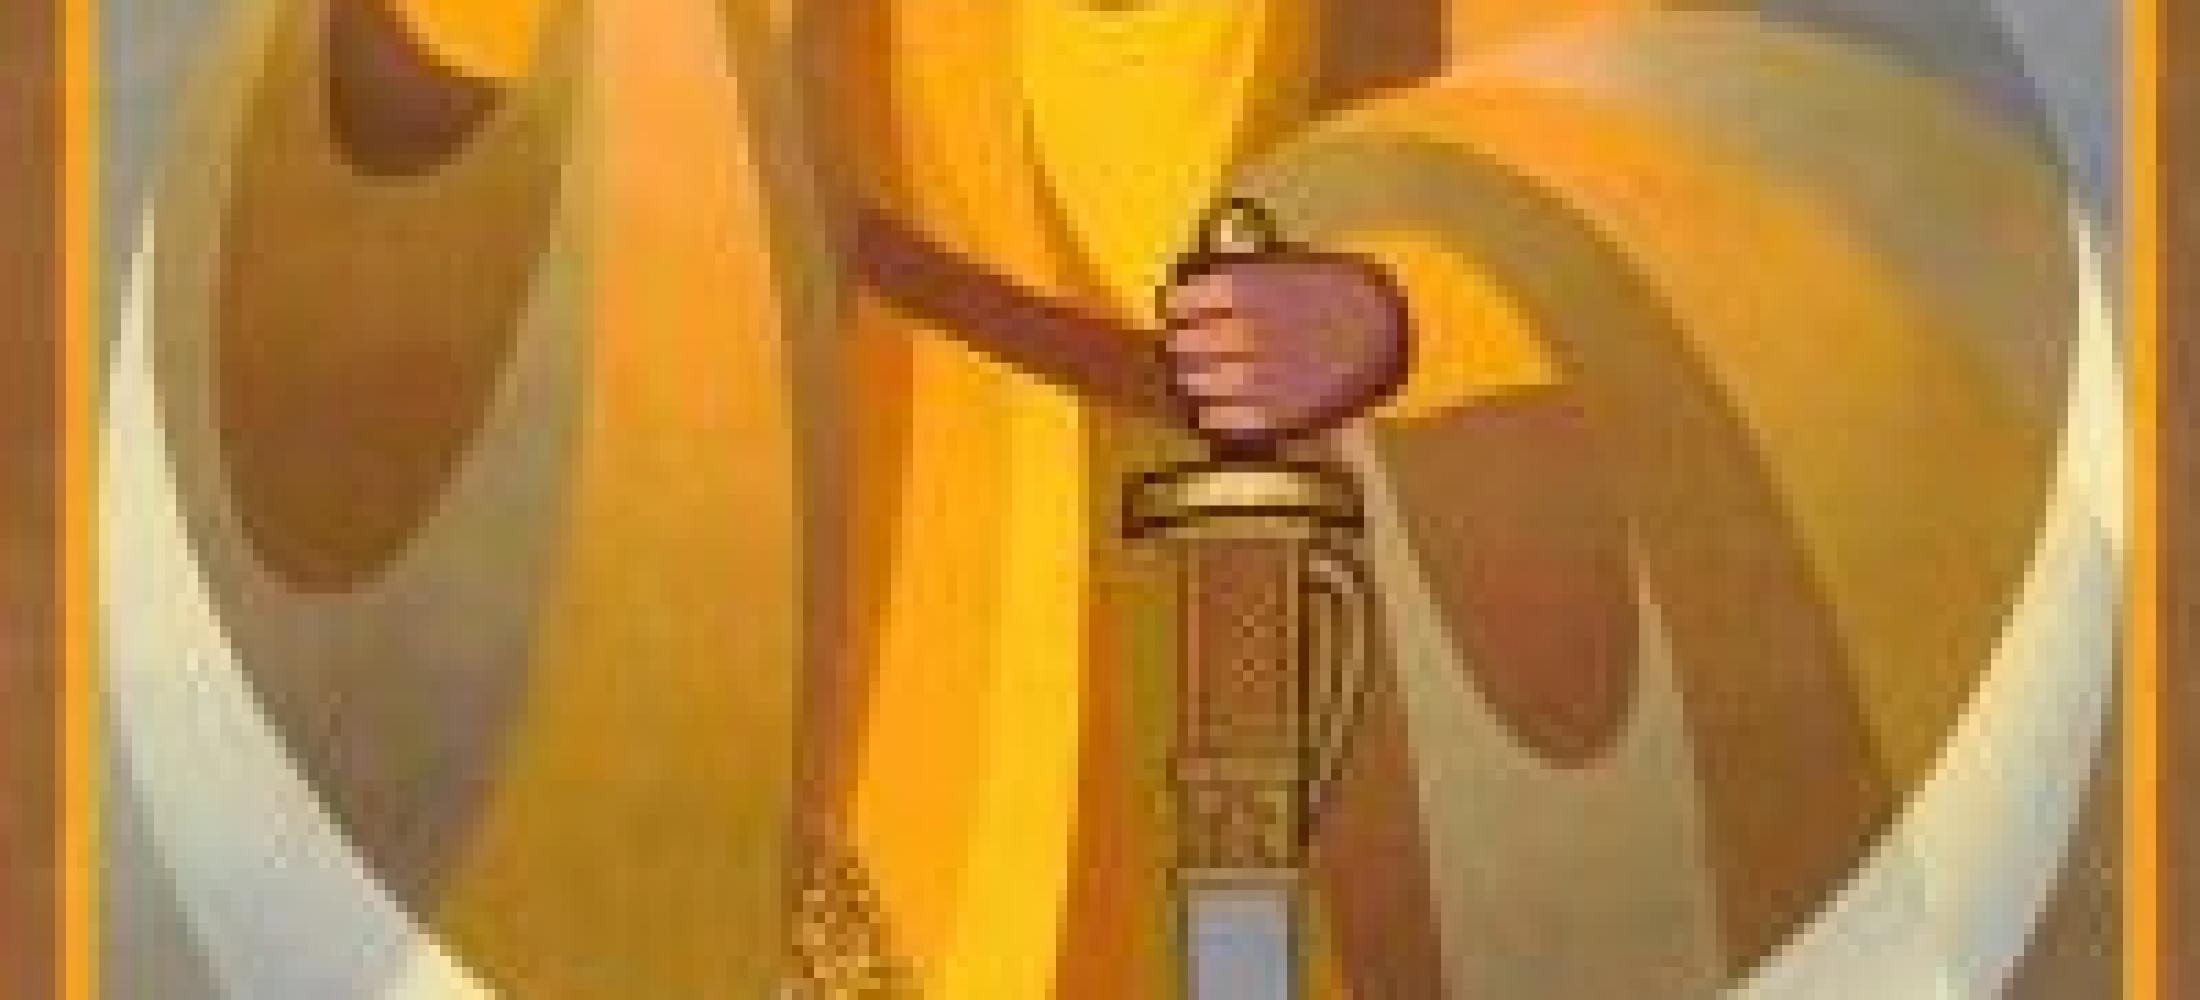 Бог Кшатра Варья, энергетический канал Кшатра Варья (посвящение, инициация)